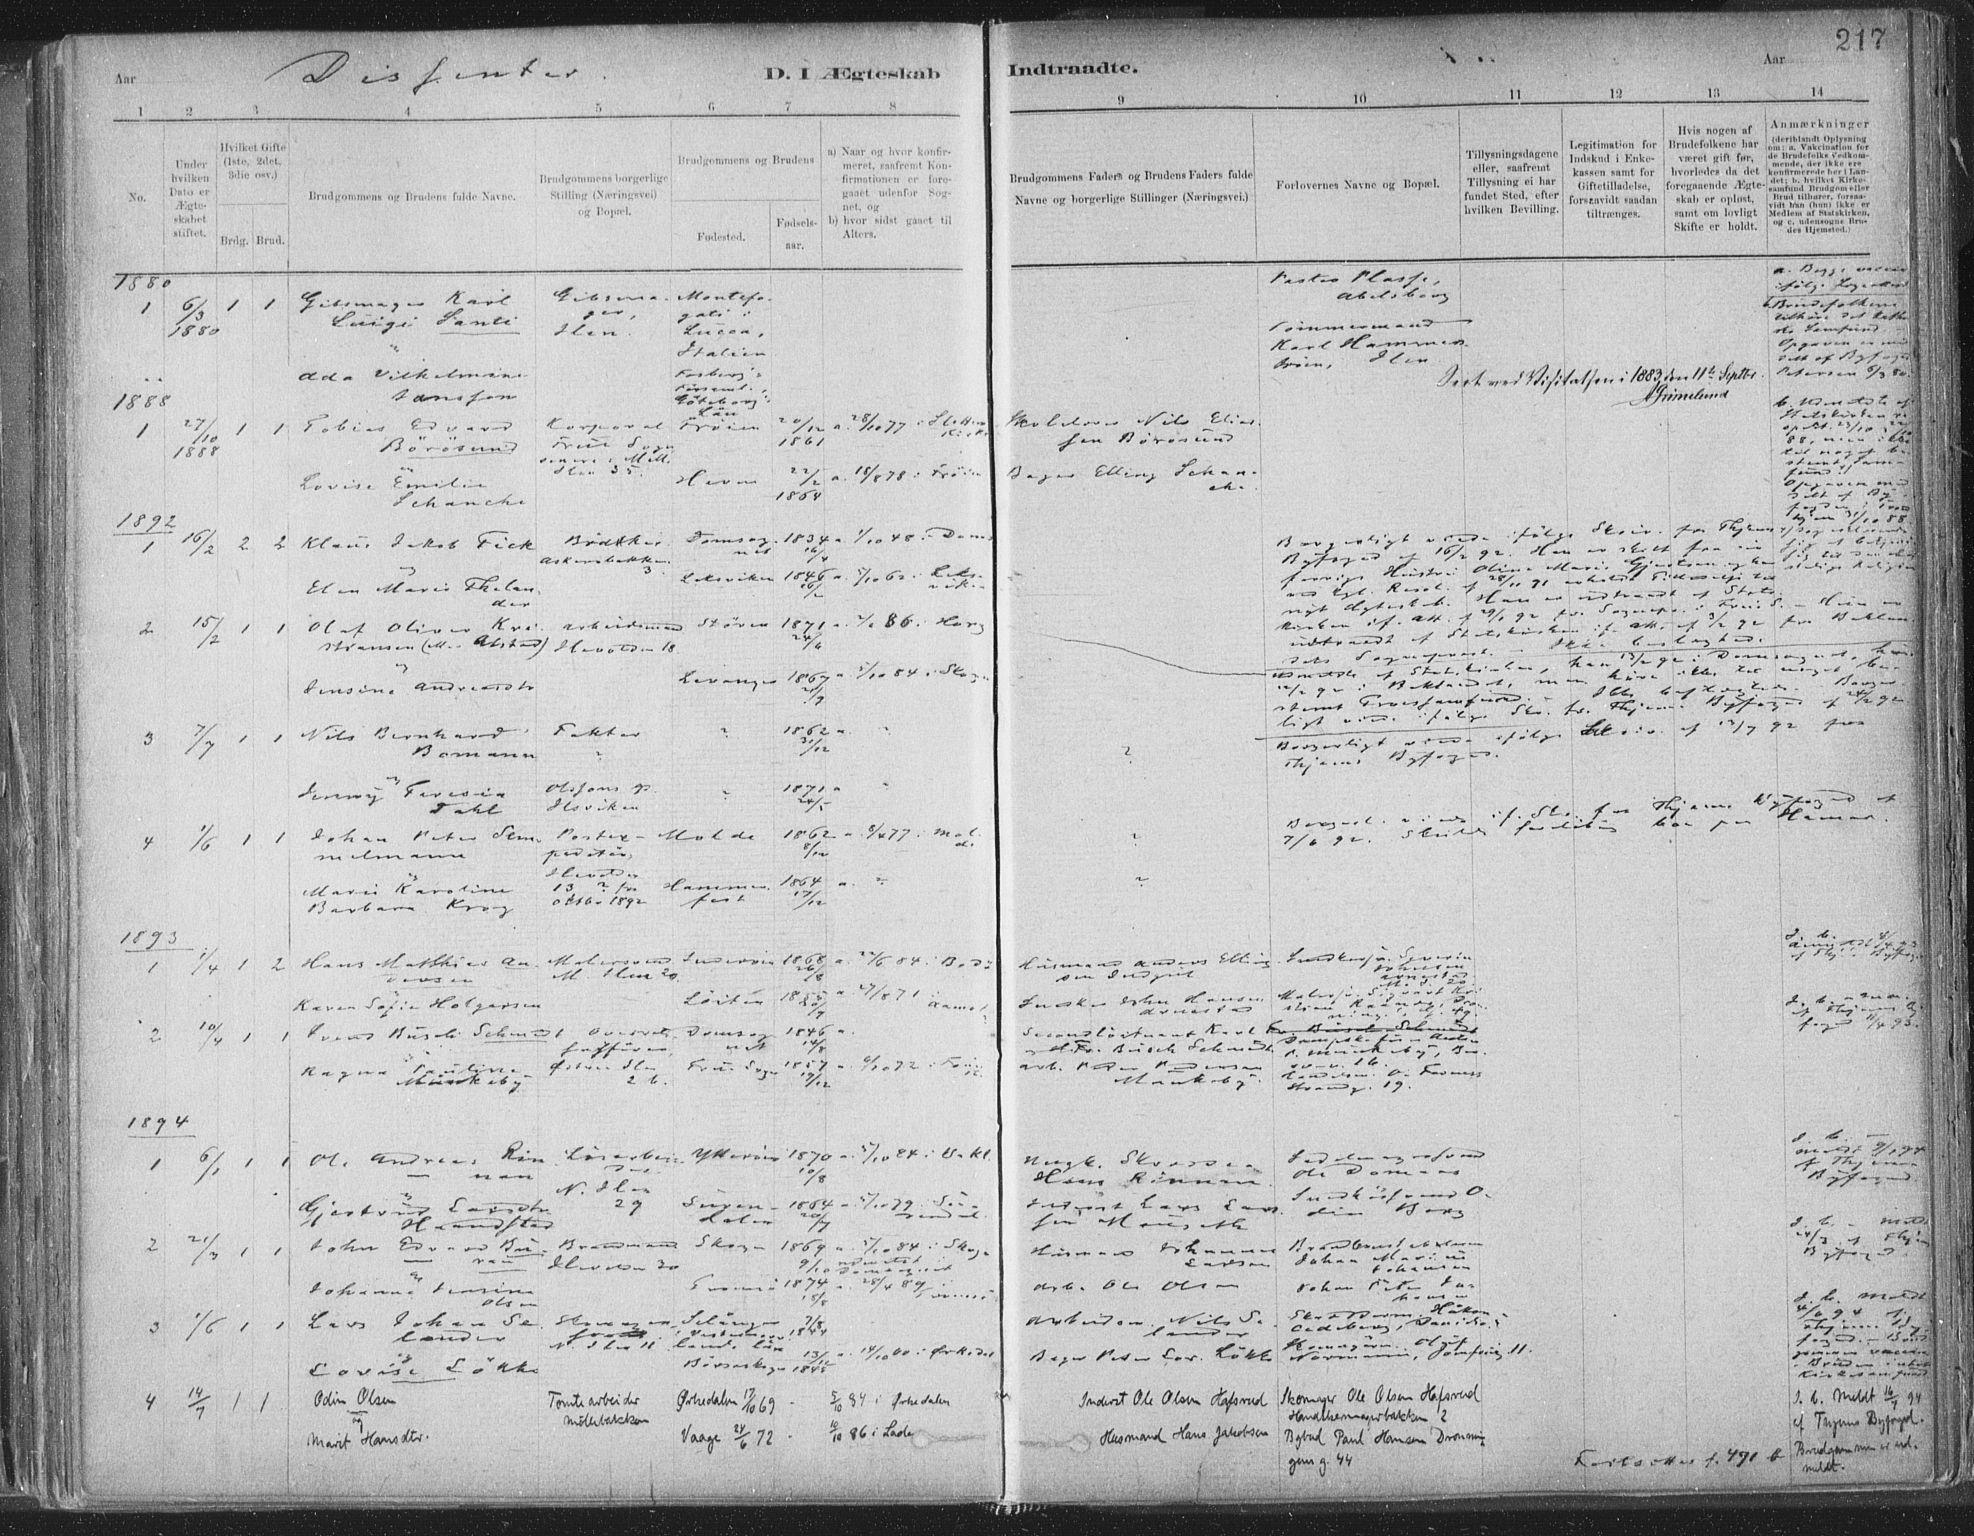 SAT, Ministerialprotokoller, klokkerbøker og fødselsregistre - Sør-Trøndelag, 603/L0162: Ministerialbok nr. 603A01, 1879-1895, s. 217